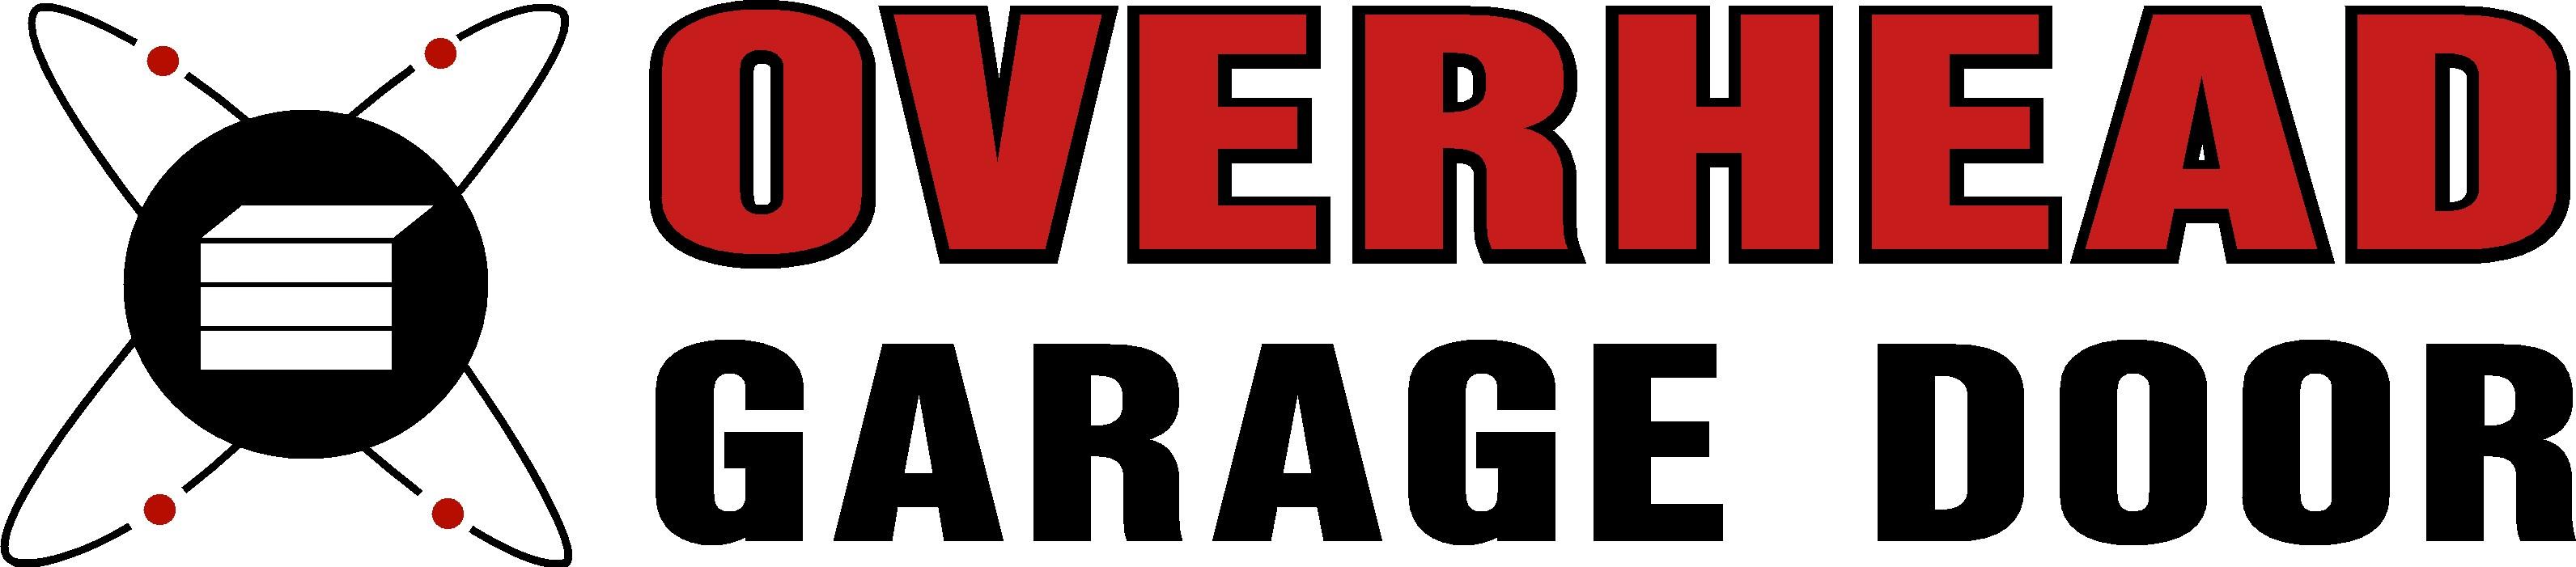 Overhead Garage Door Inc logo